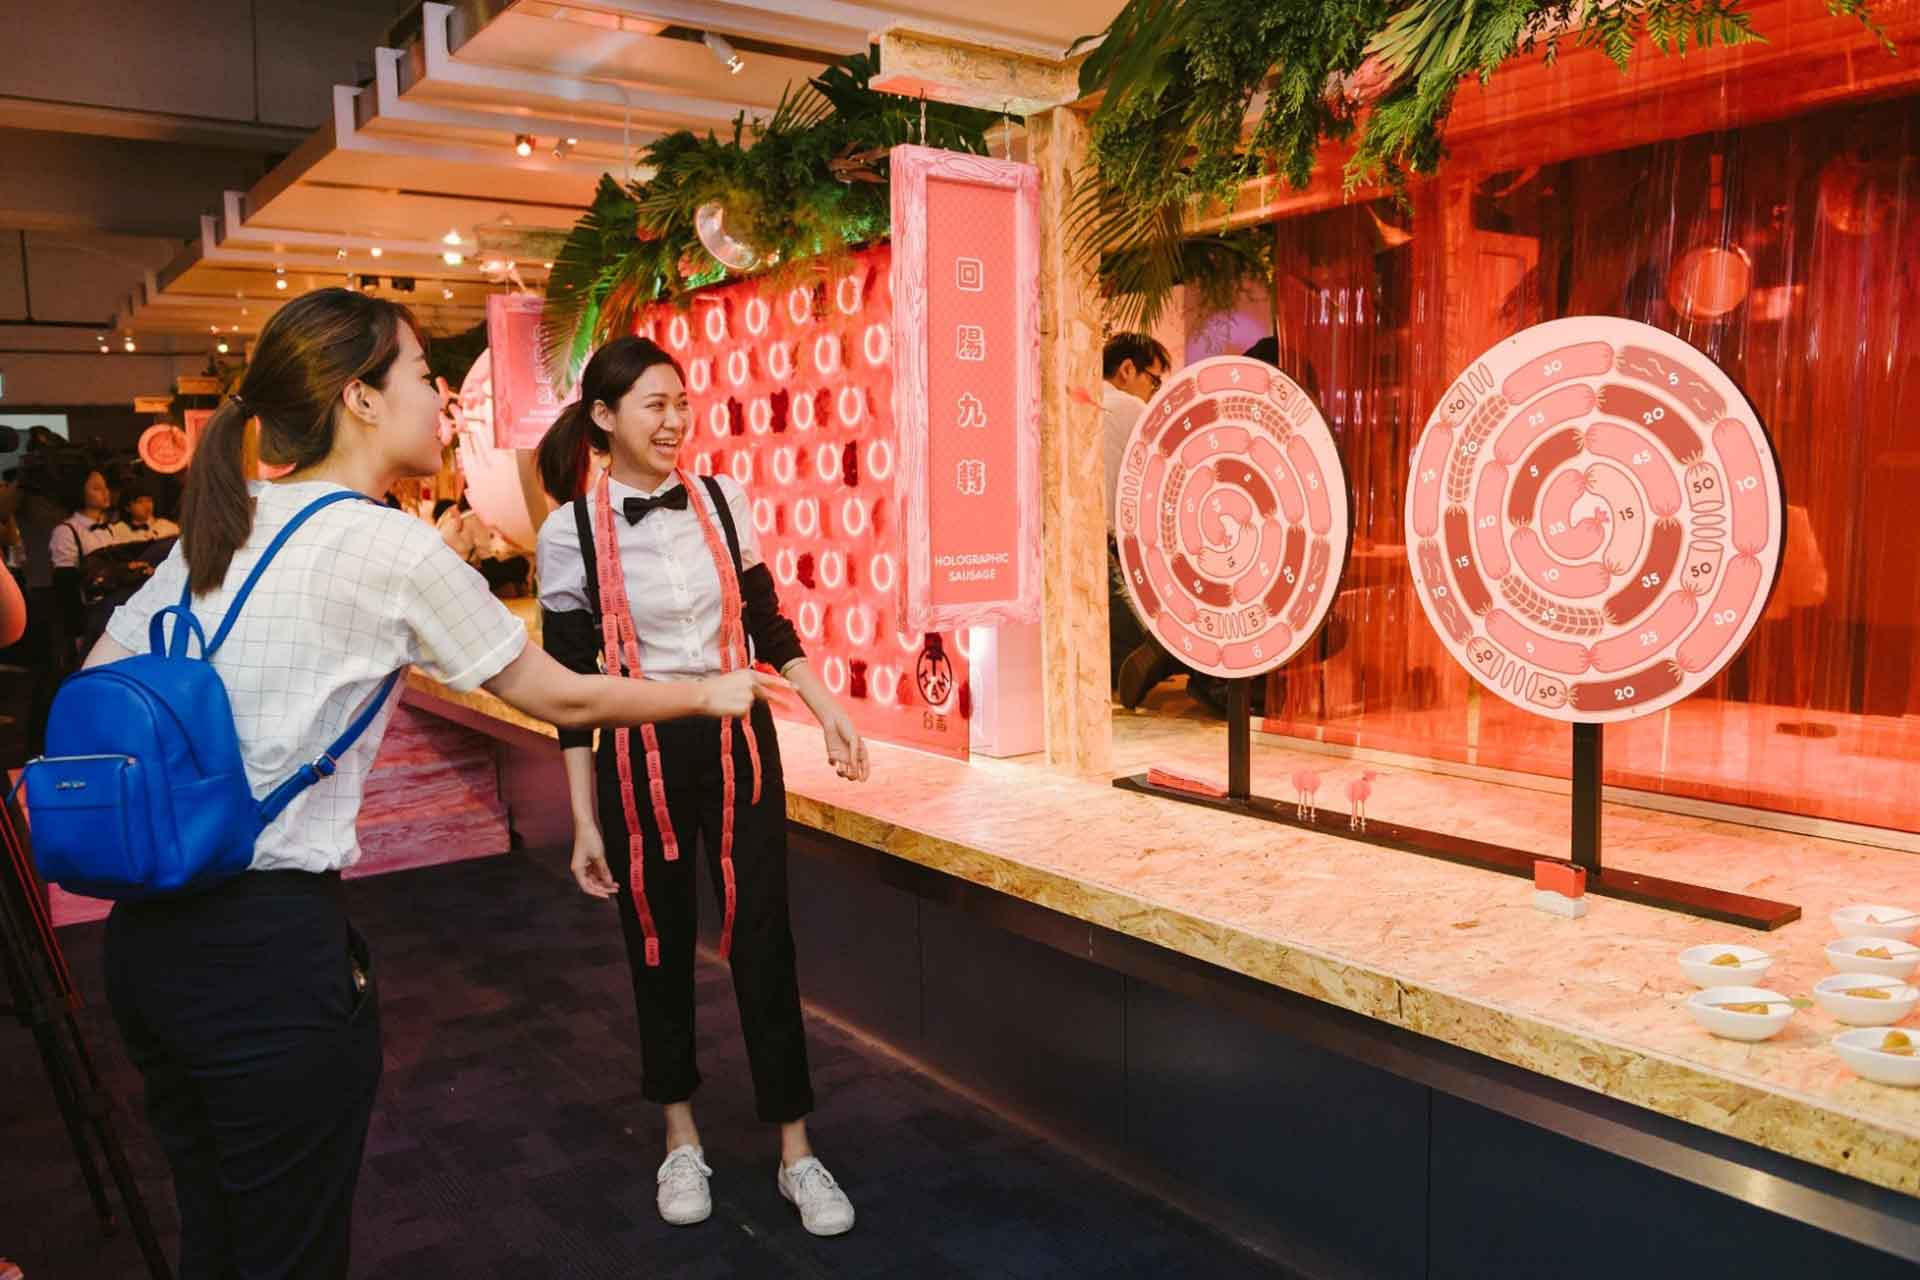 展場以熱鬧的臺灣傳統夜市為發想,還有類似夜市遊戲的趣味互動,圖為民眾體驗射飛鏢轉盤。